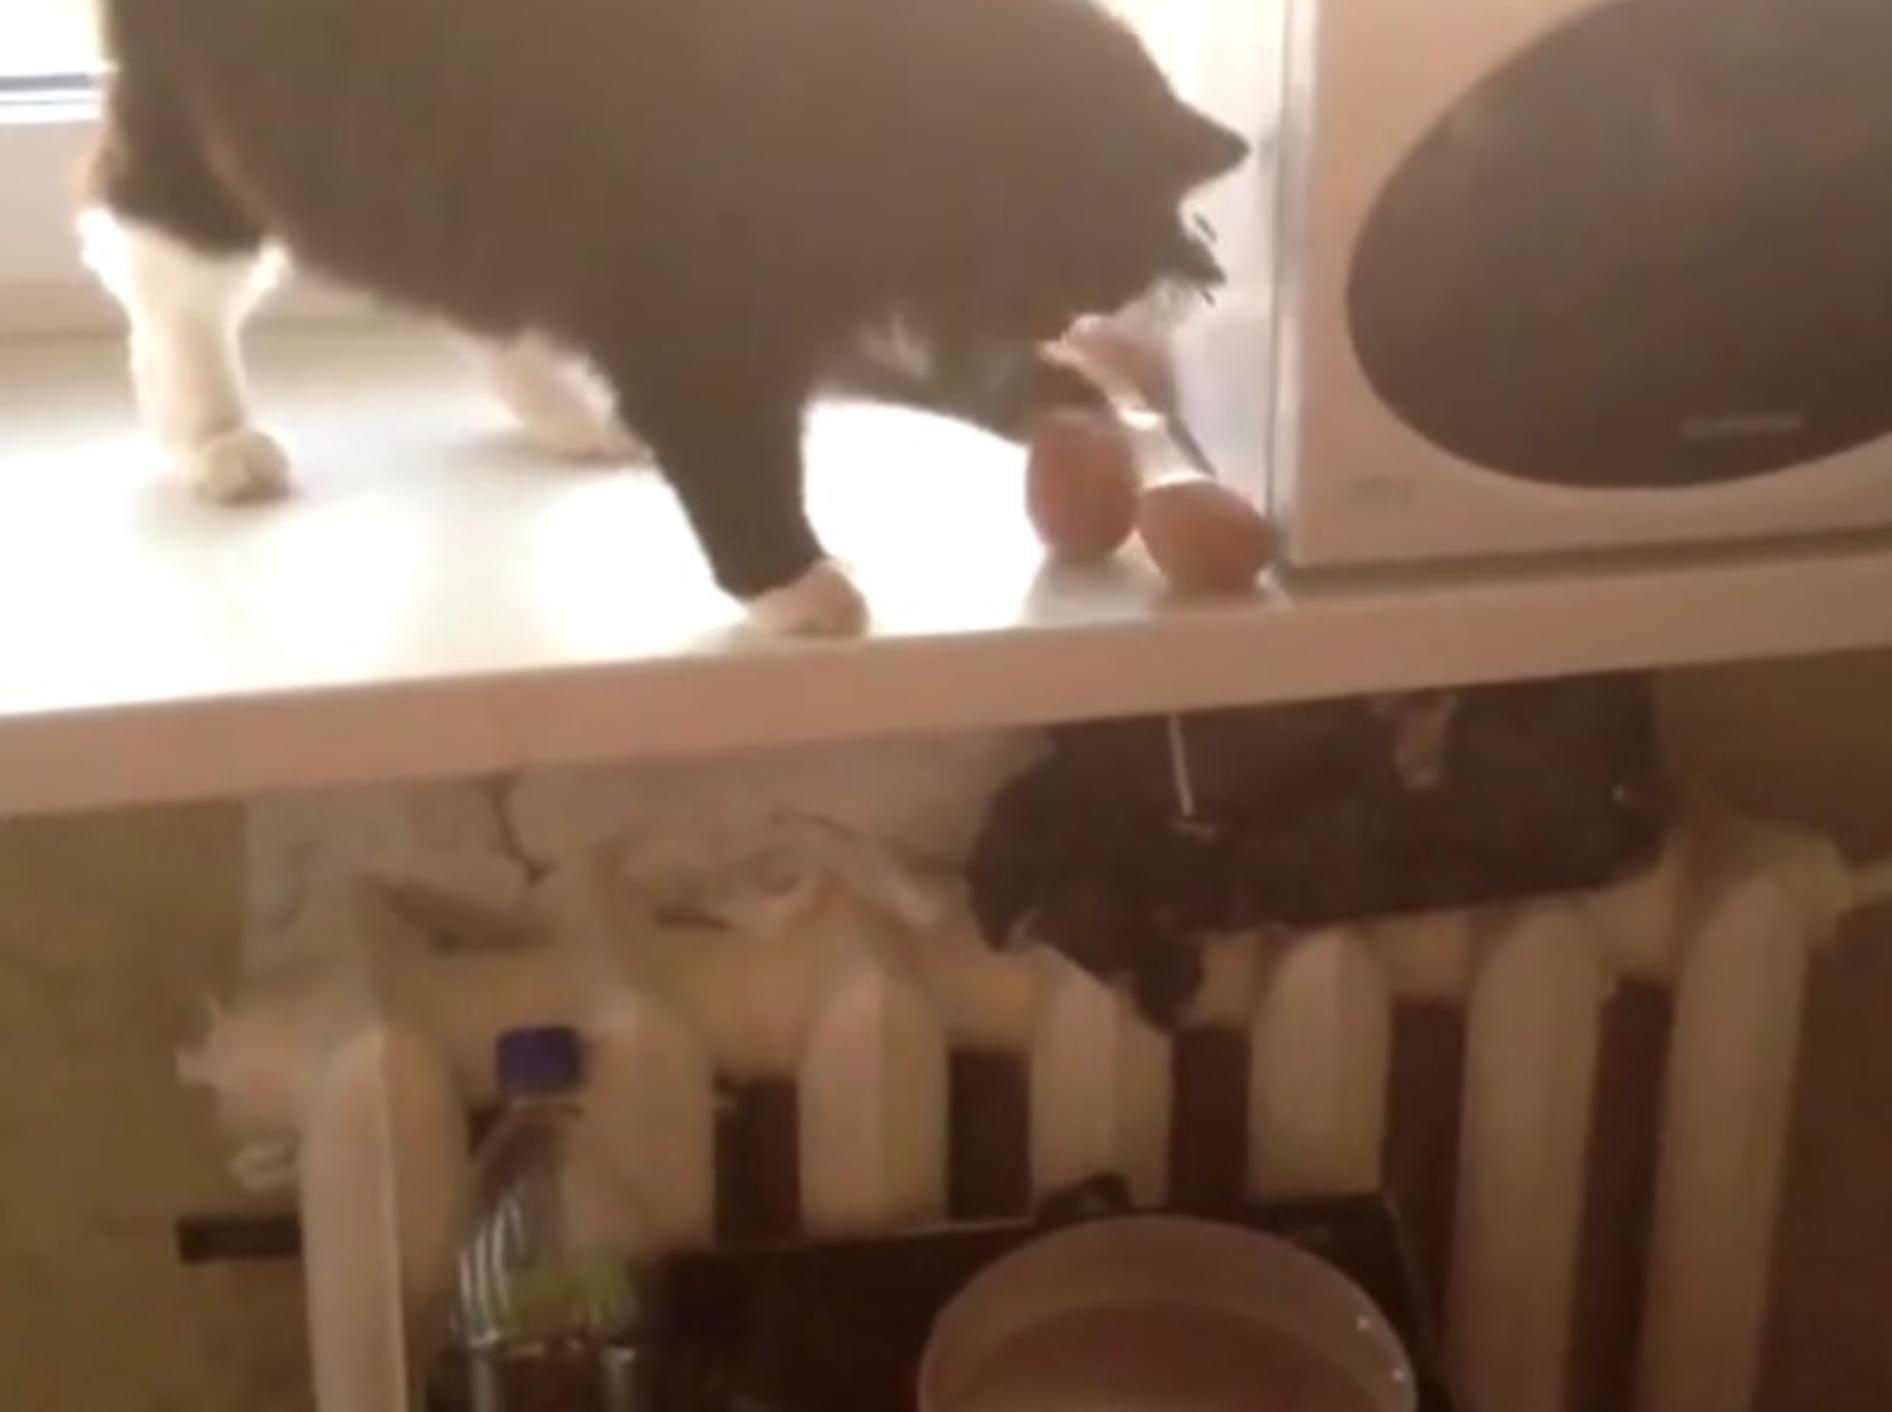 Geschickt wirft diese Katze Kartoffeln von der Fensterbank in den Topf – YouTube / ignoramusky